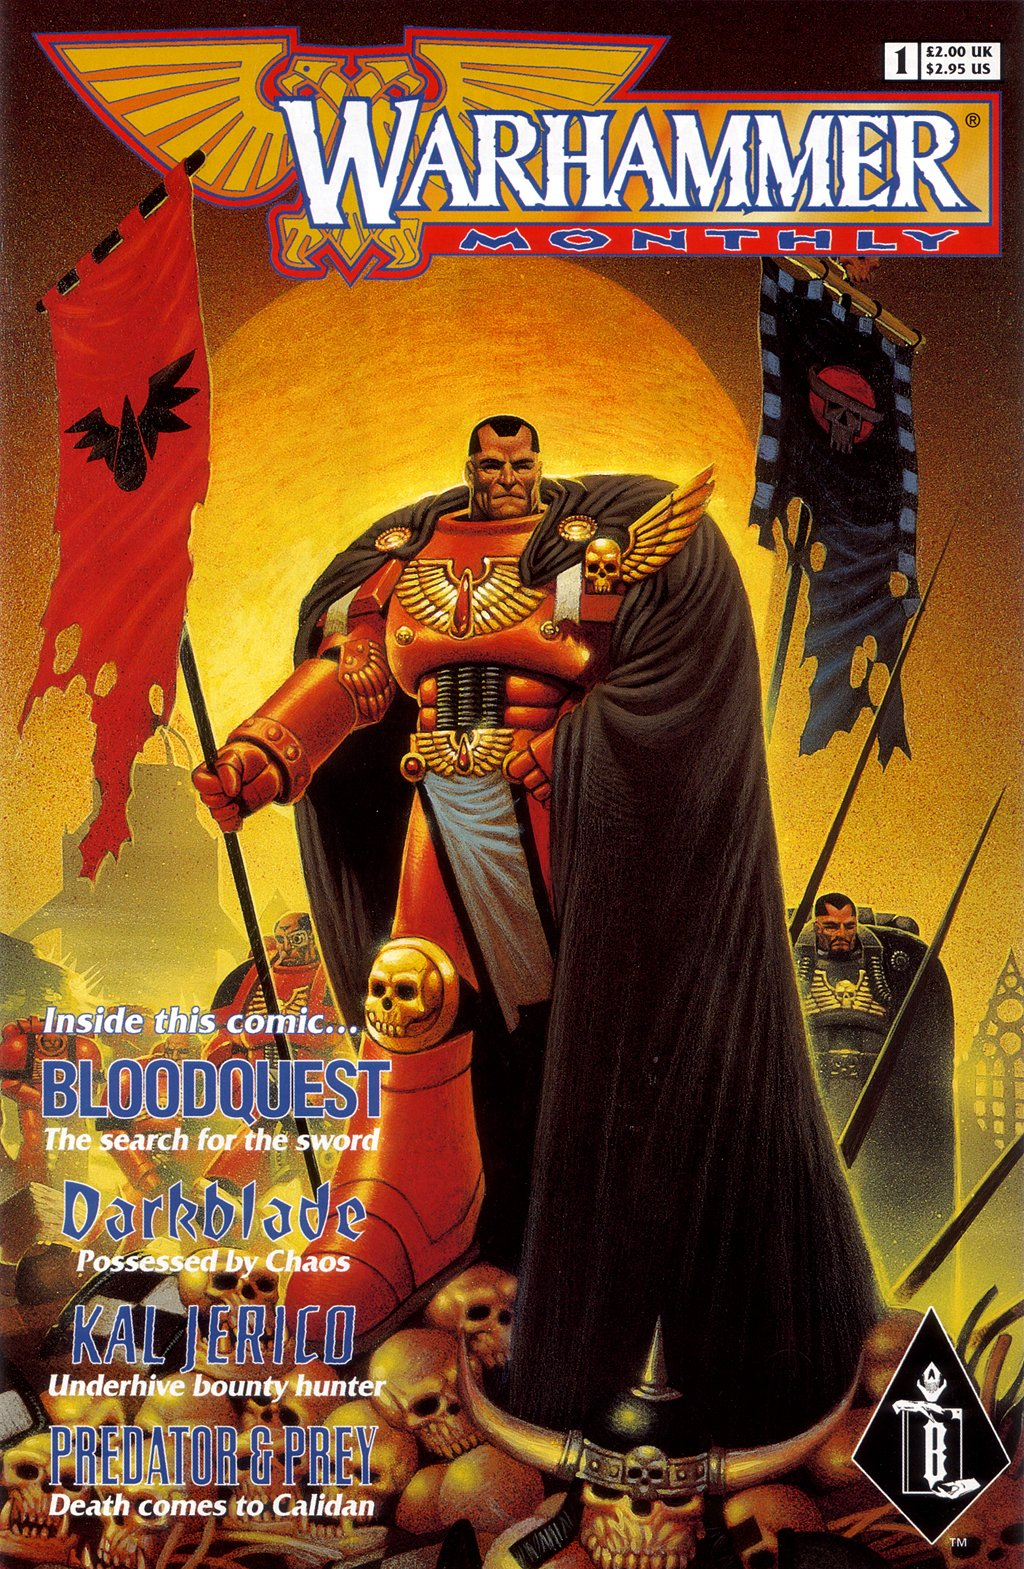 Самые крутые комиксы по Warhammer 40.000. - Изображение 10